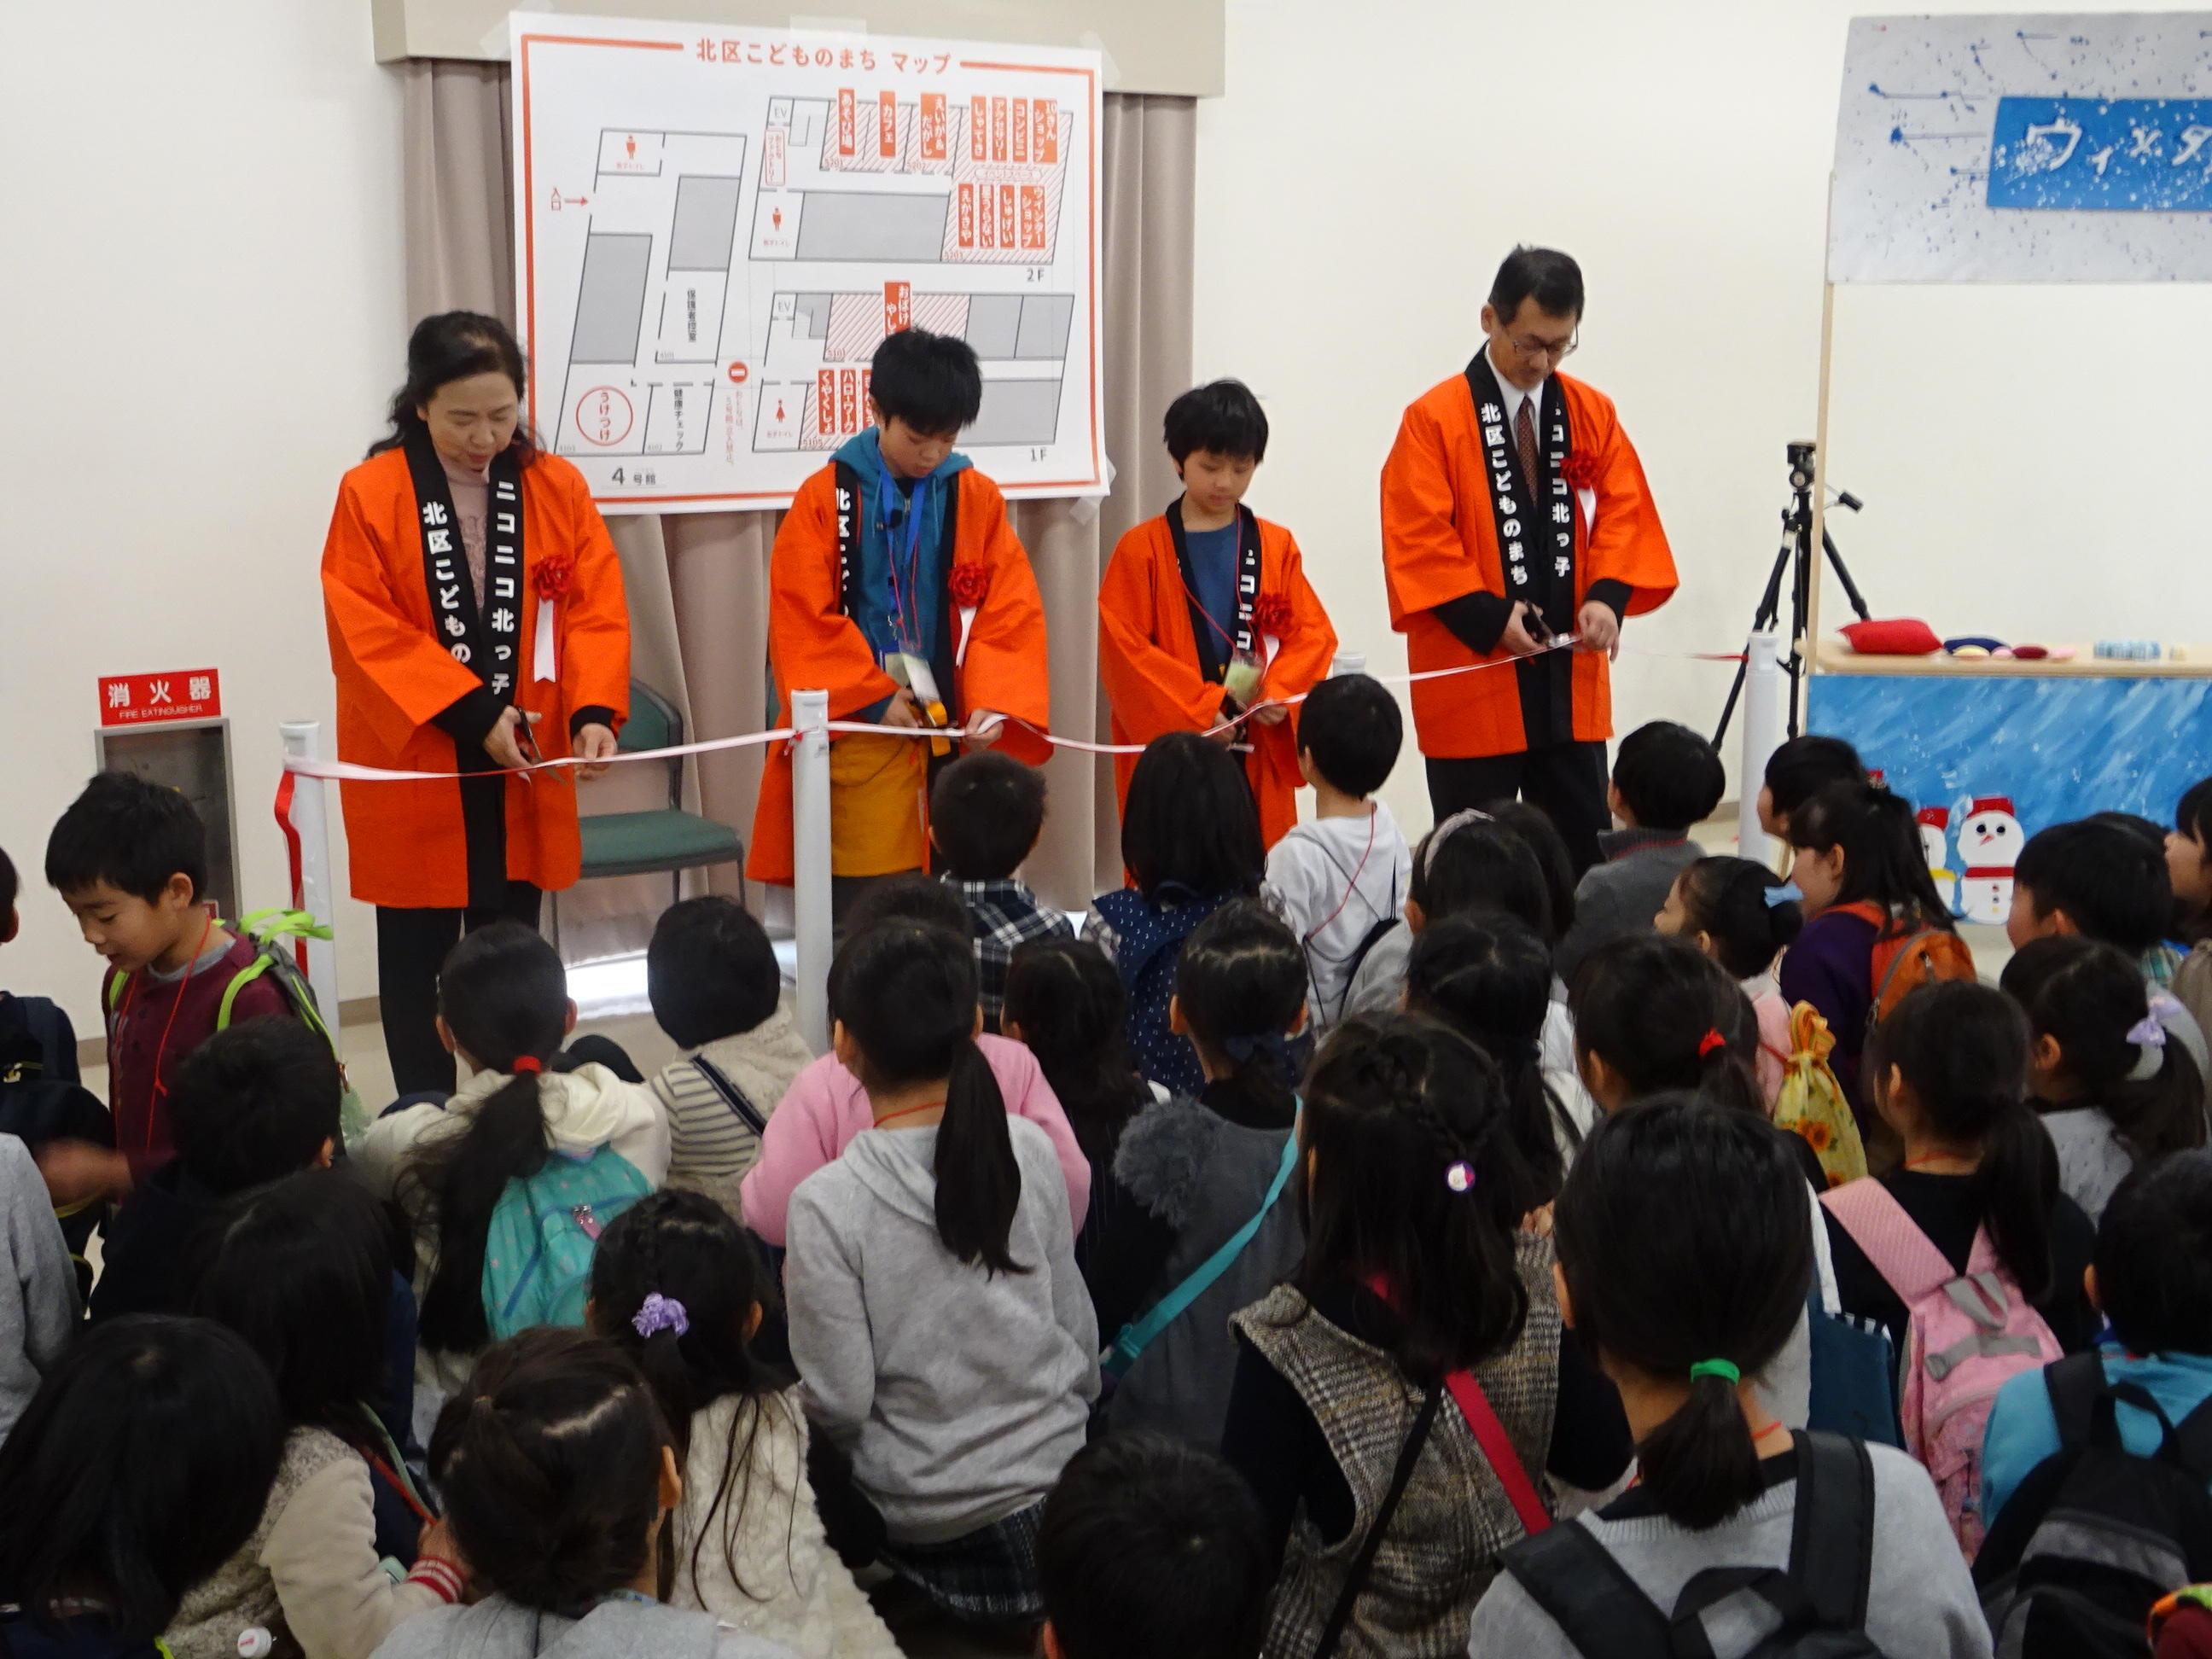 「北区こどものまち」を大谷大学で開催。仮想の「まち」を舞台に、京都市北区の約200名の子どもたちが楽しみながら社会の仕組みを体験。教育学、社会学を学ぶ学生が学科を超えて協力・サポート